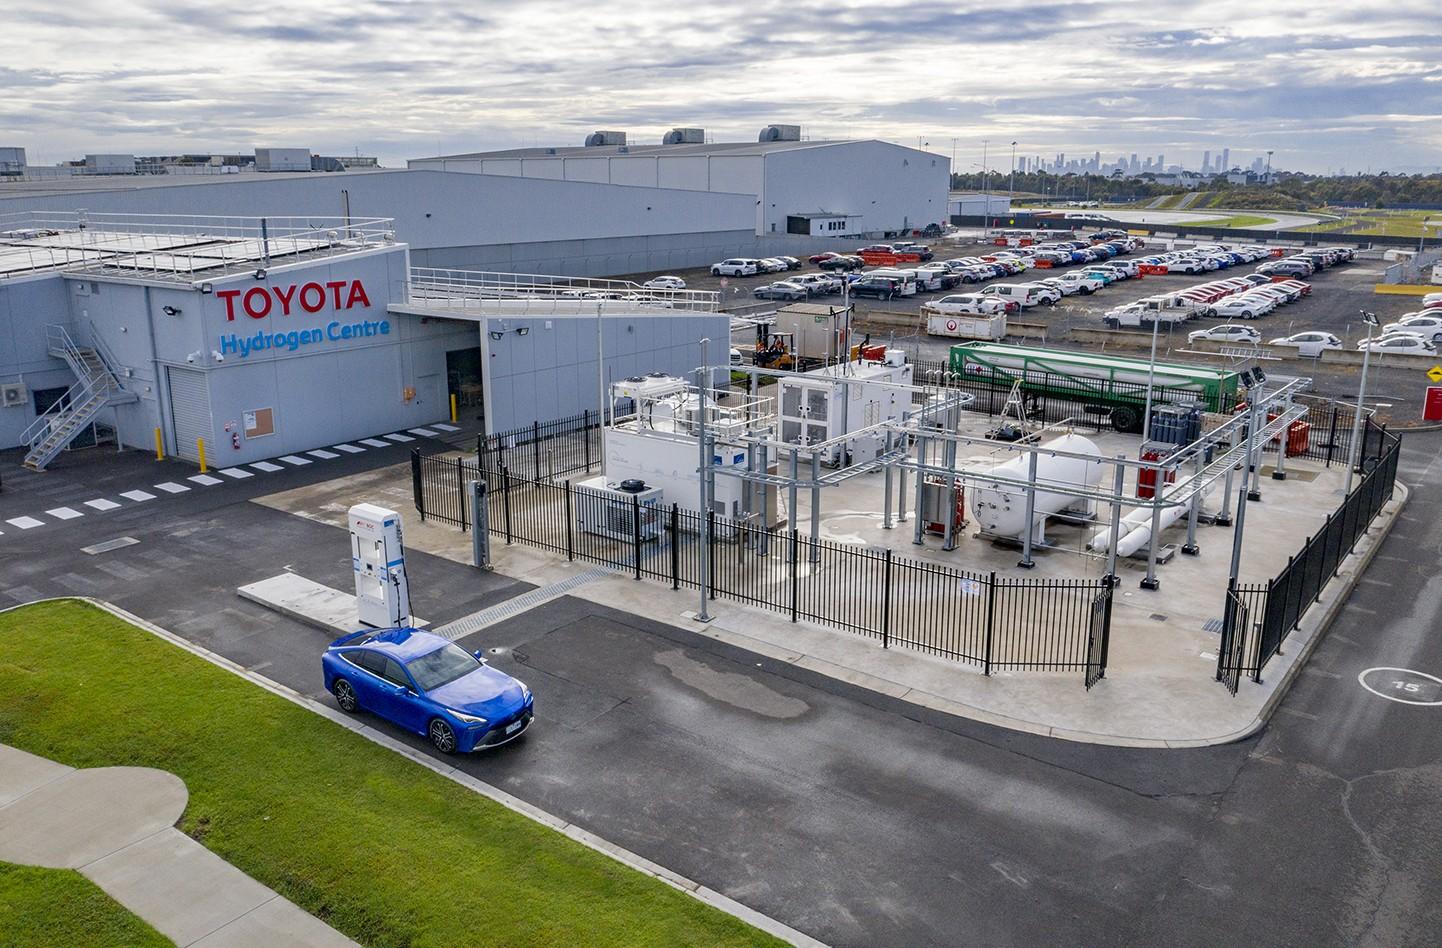 Toyota Hydrogen centre